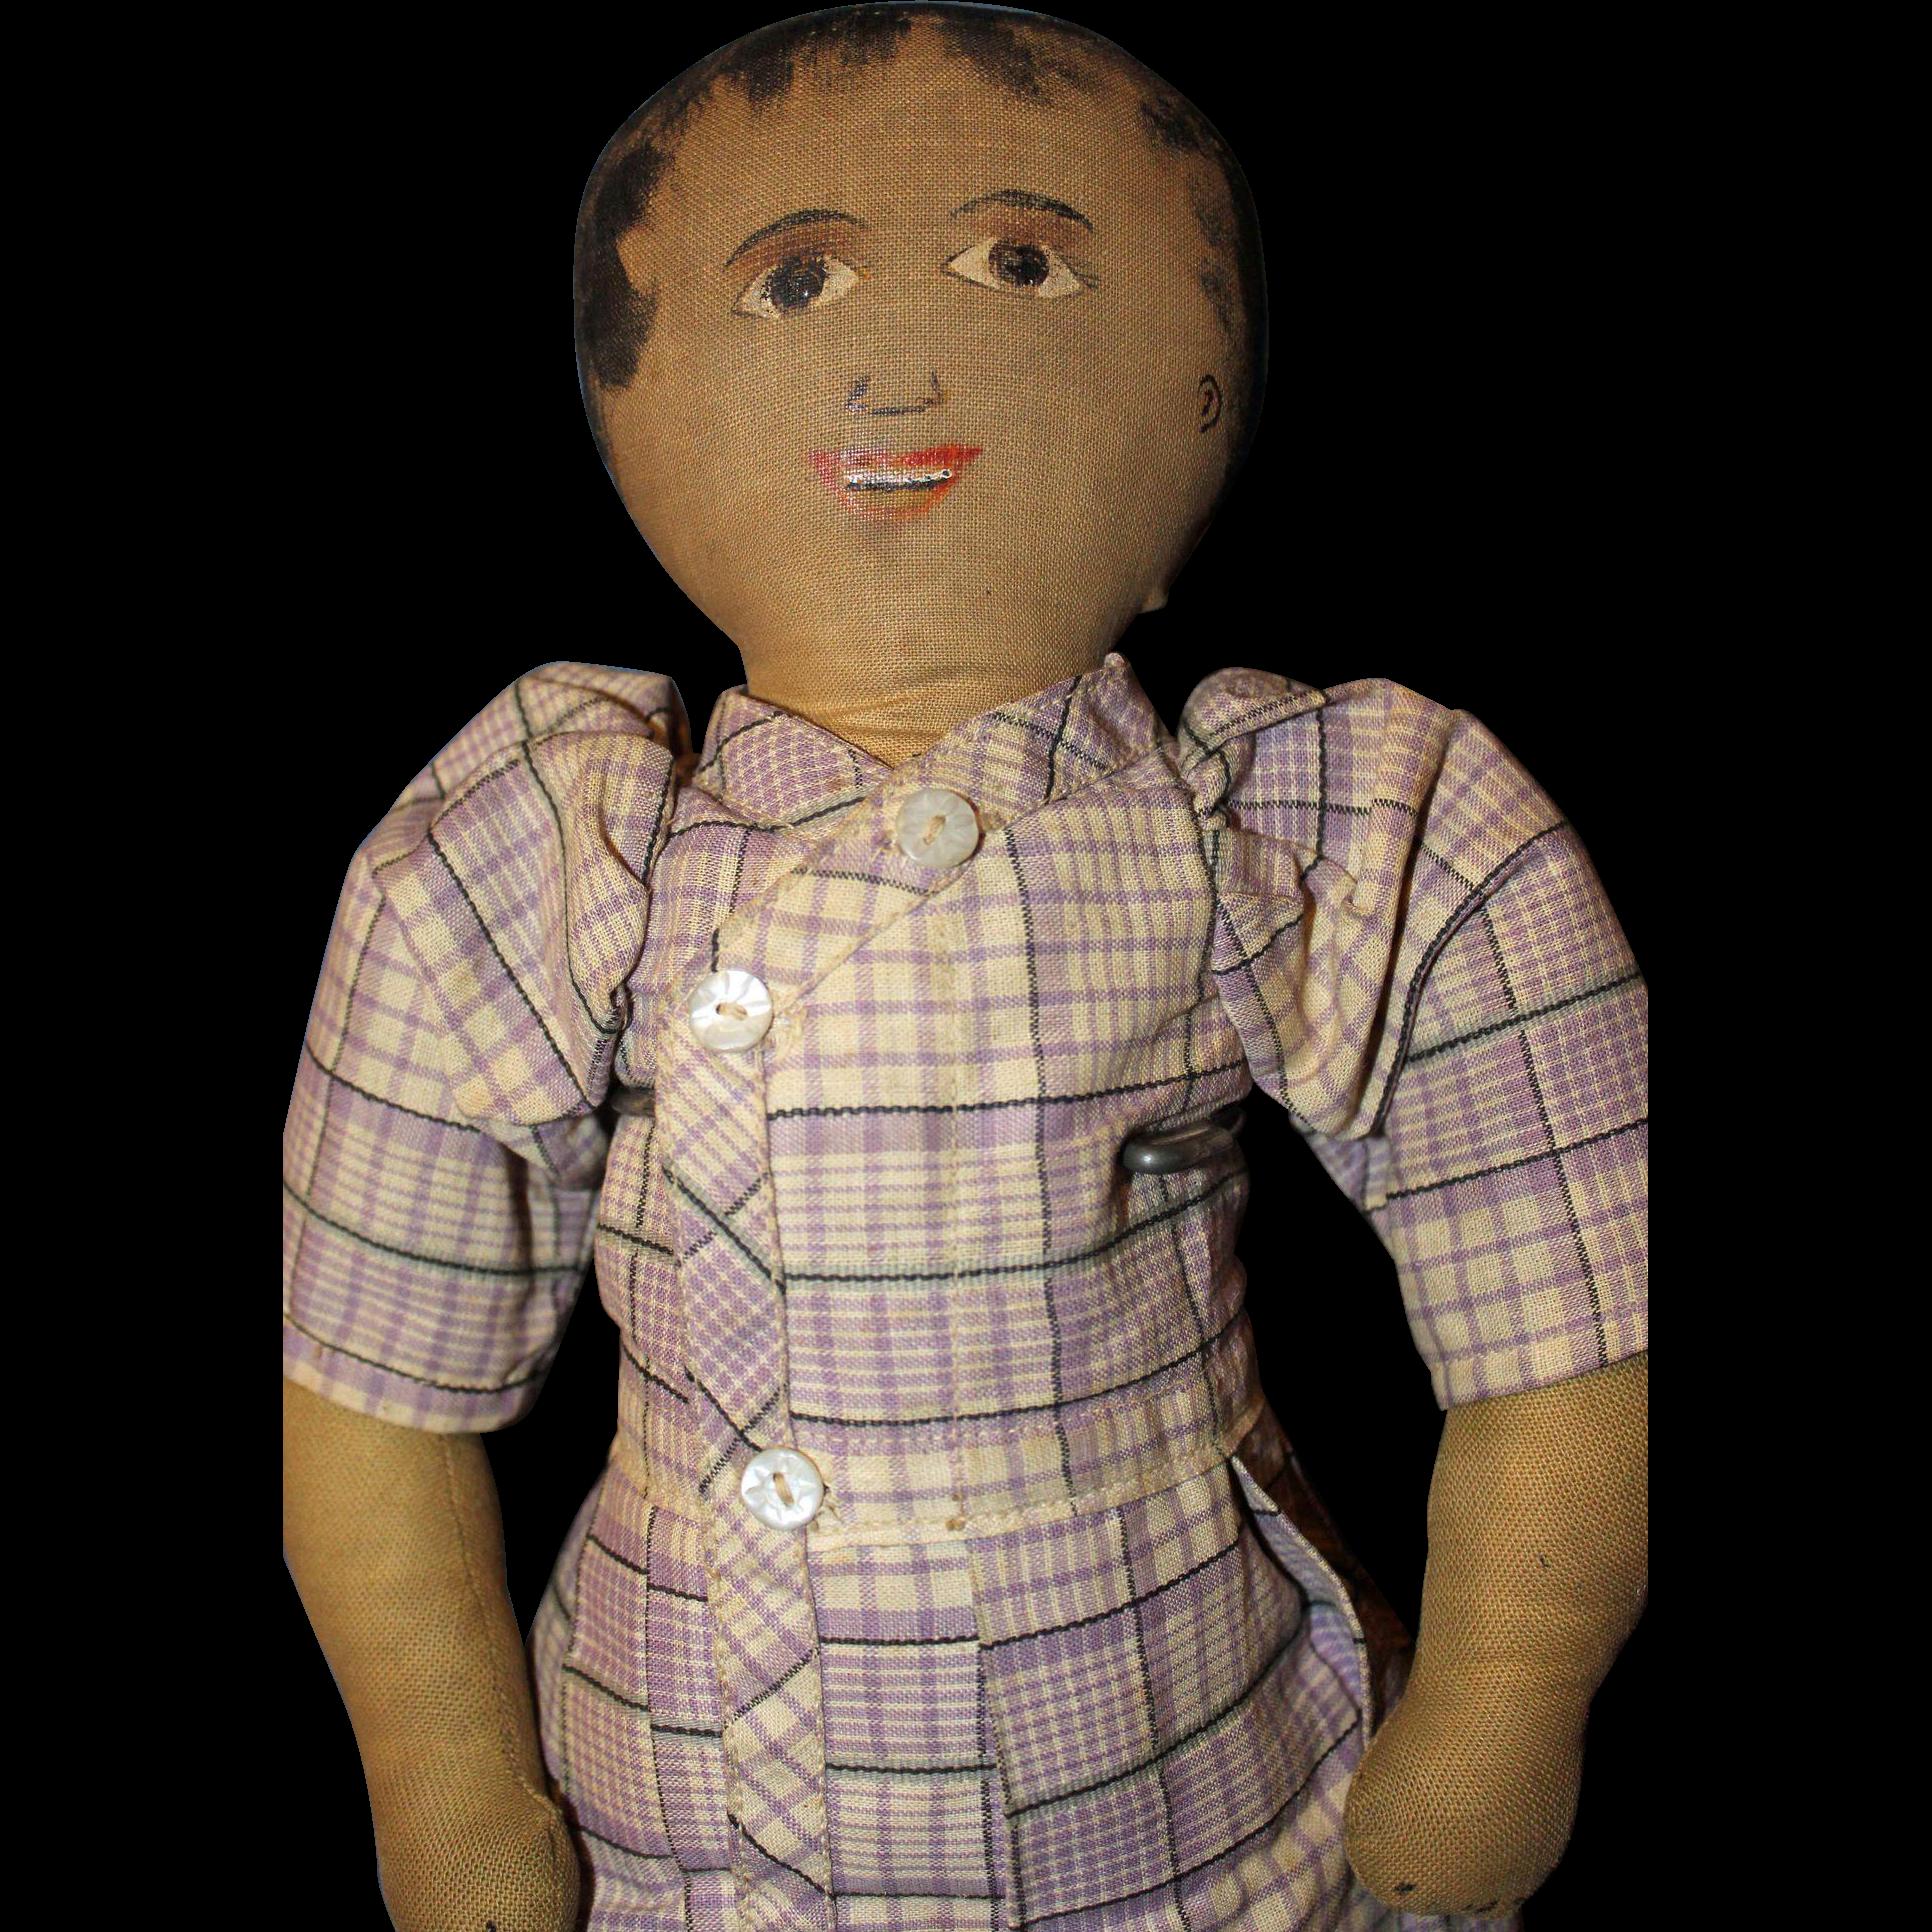 Rare Bye Bye Kids Series doll